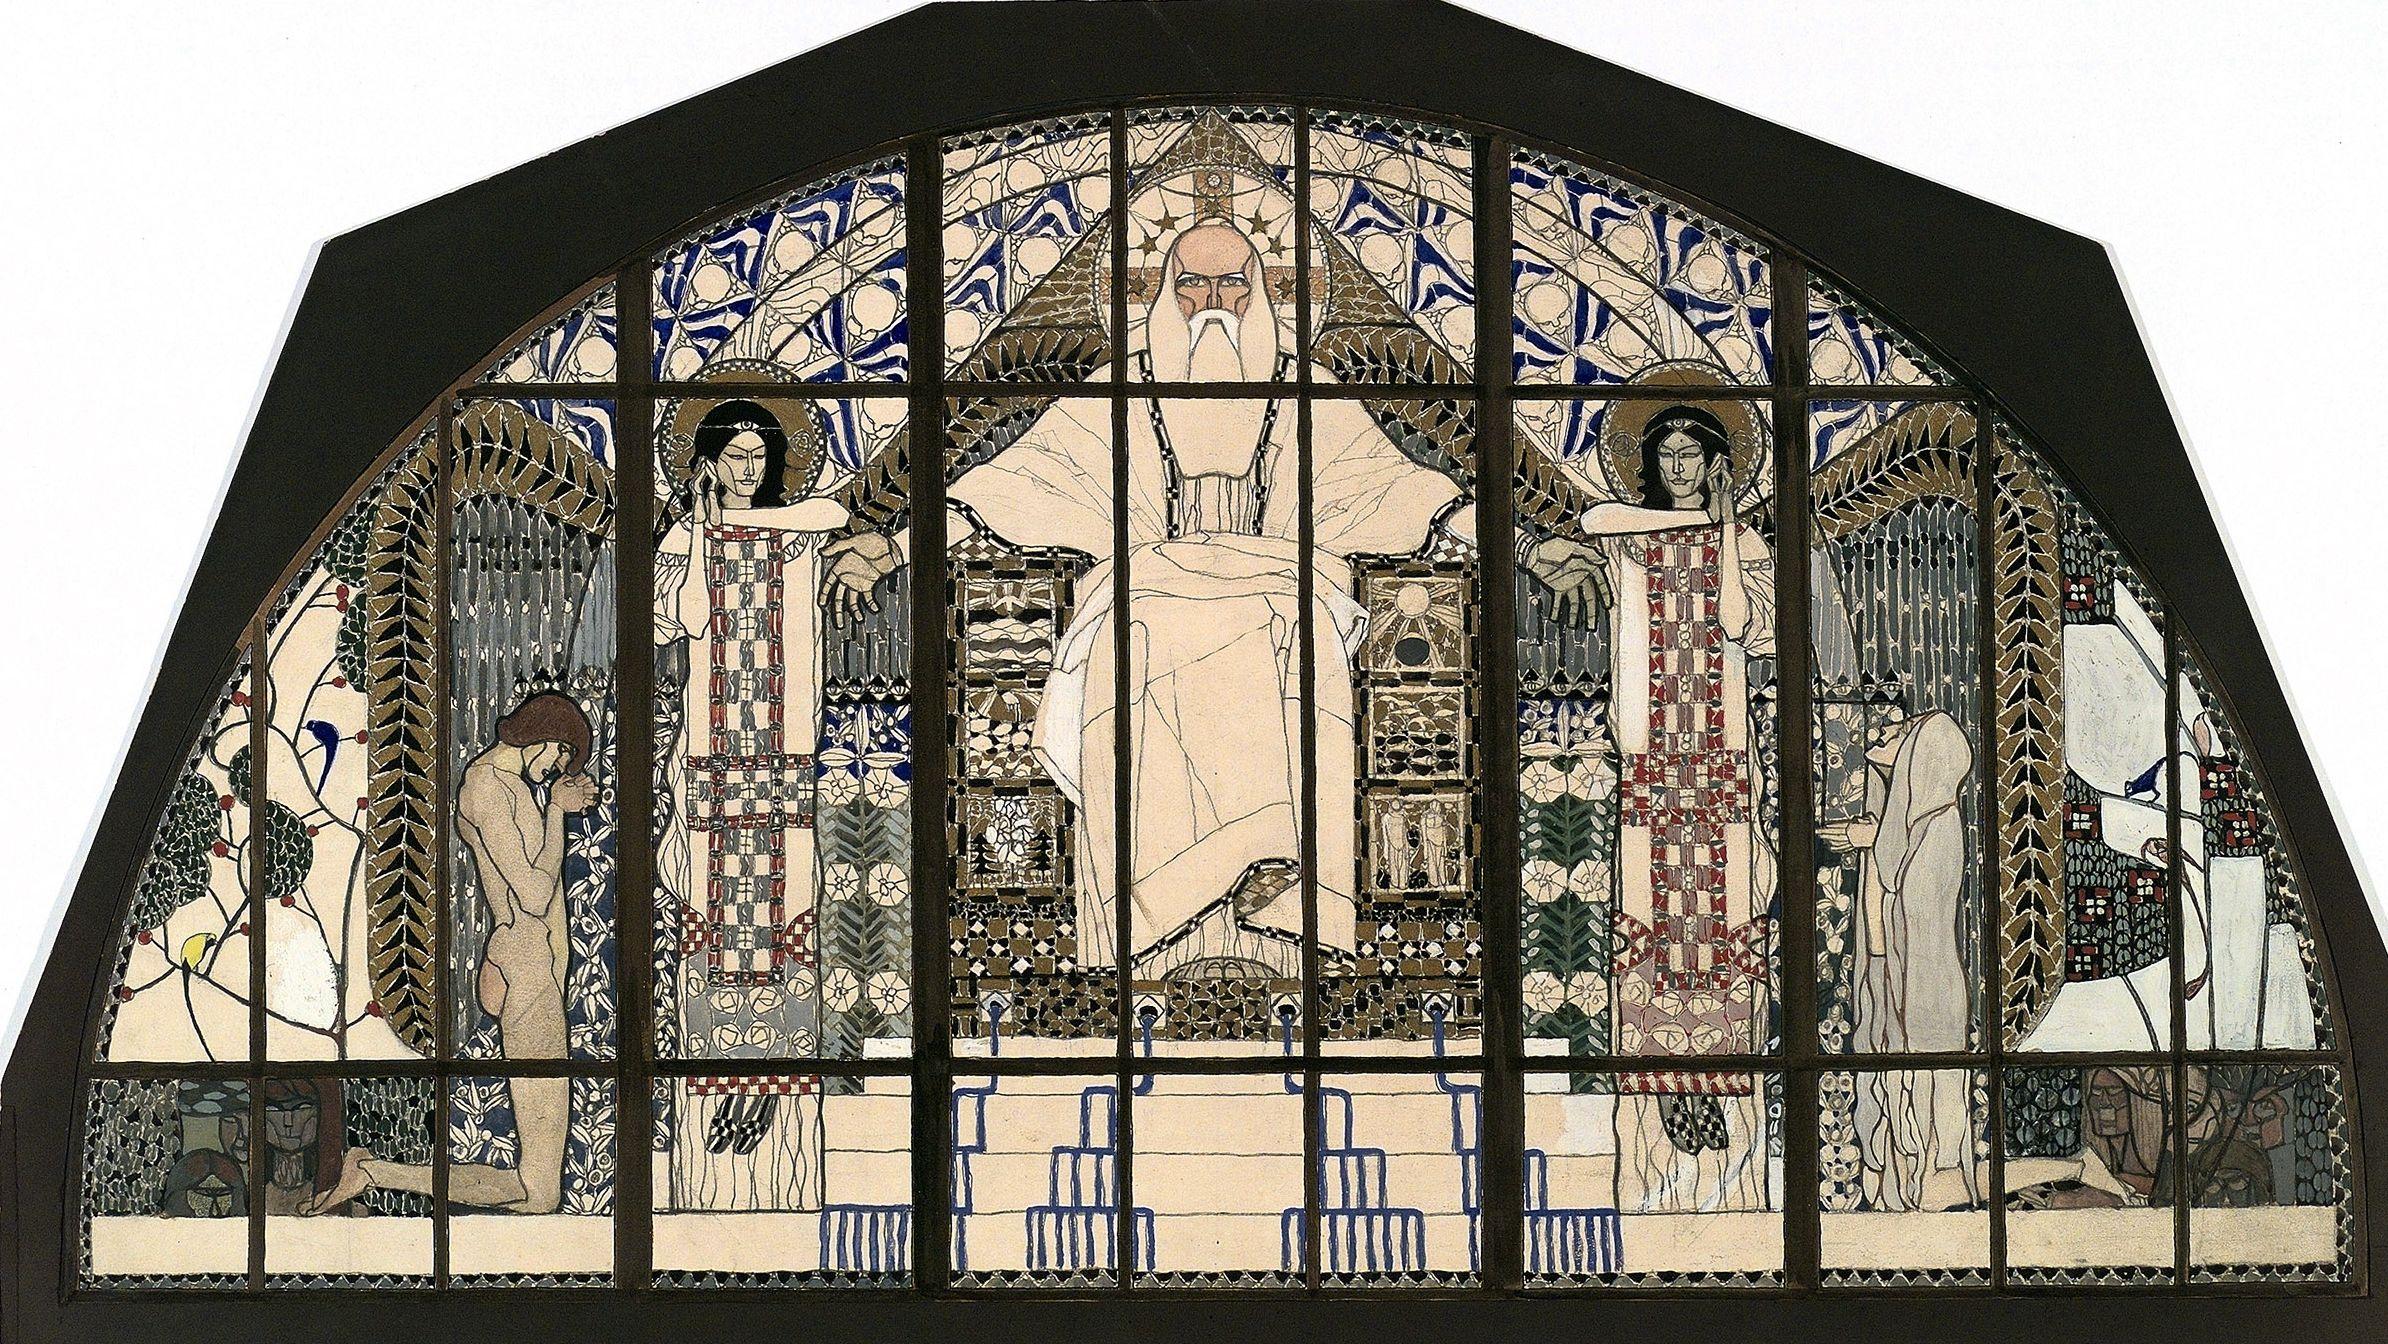 Koloman Moser, Entwurf für das Südfenster der Kirche St. Leopold am Steinhof, 1905/06